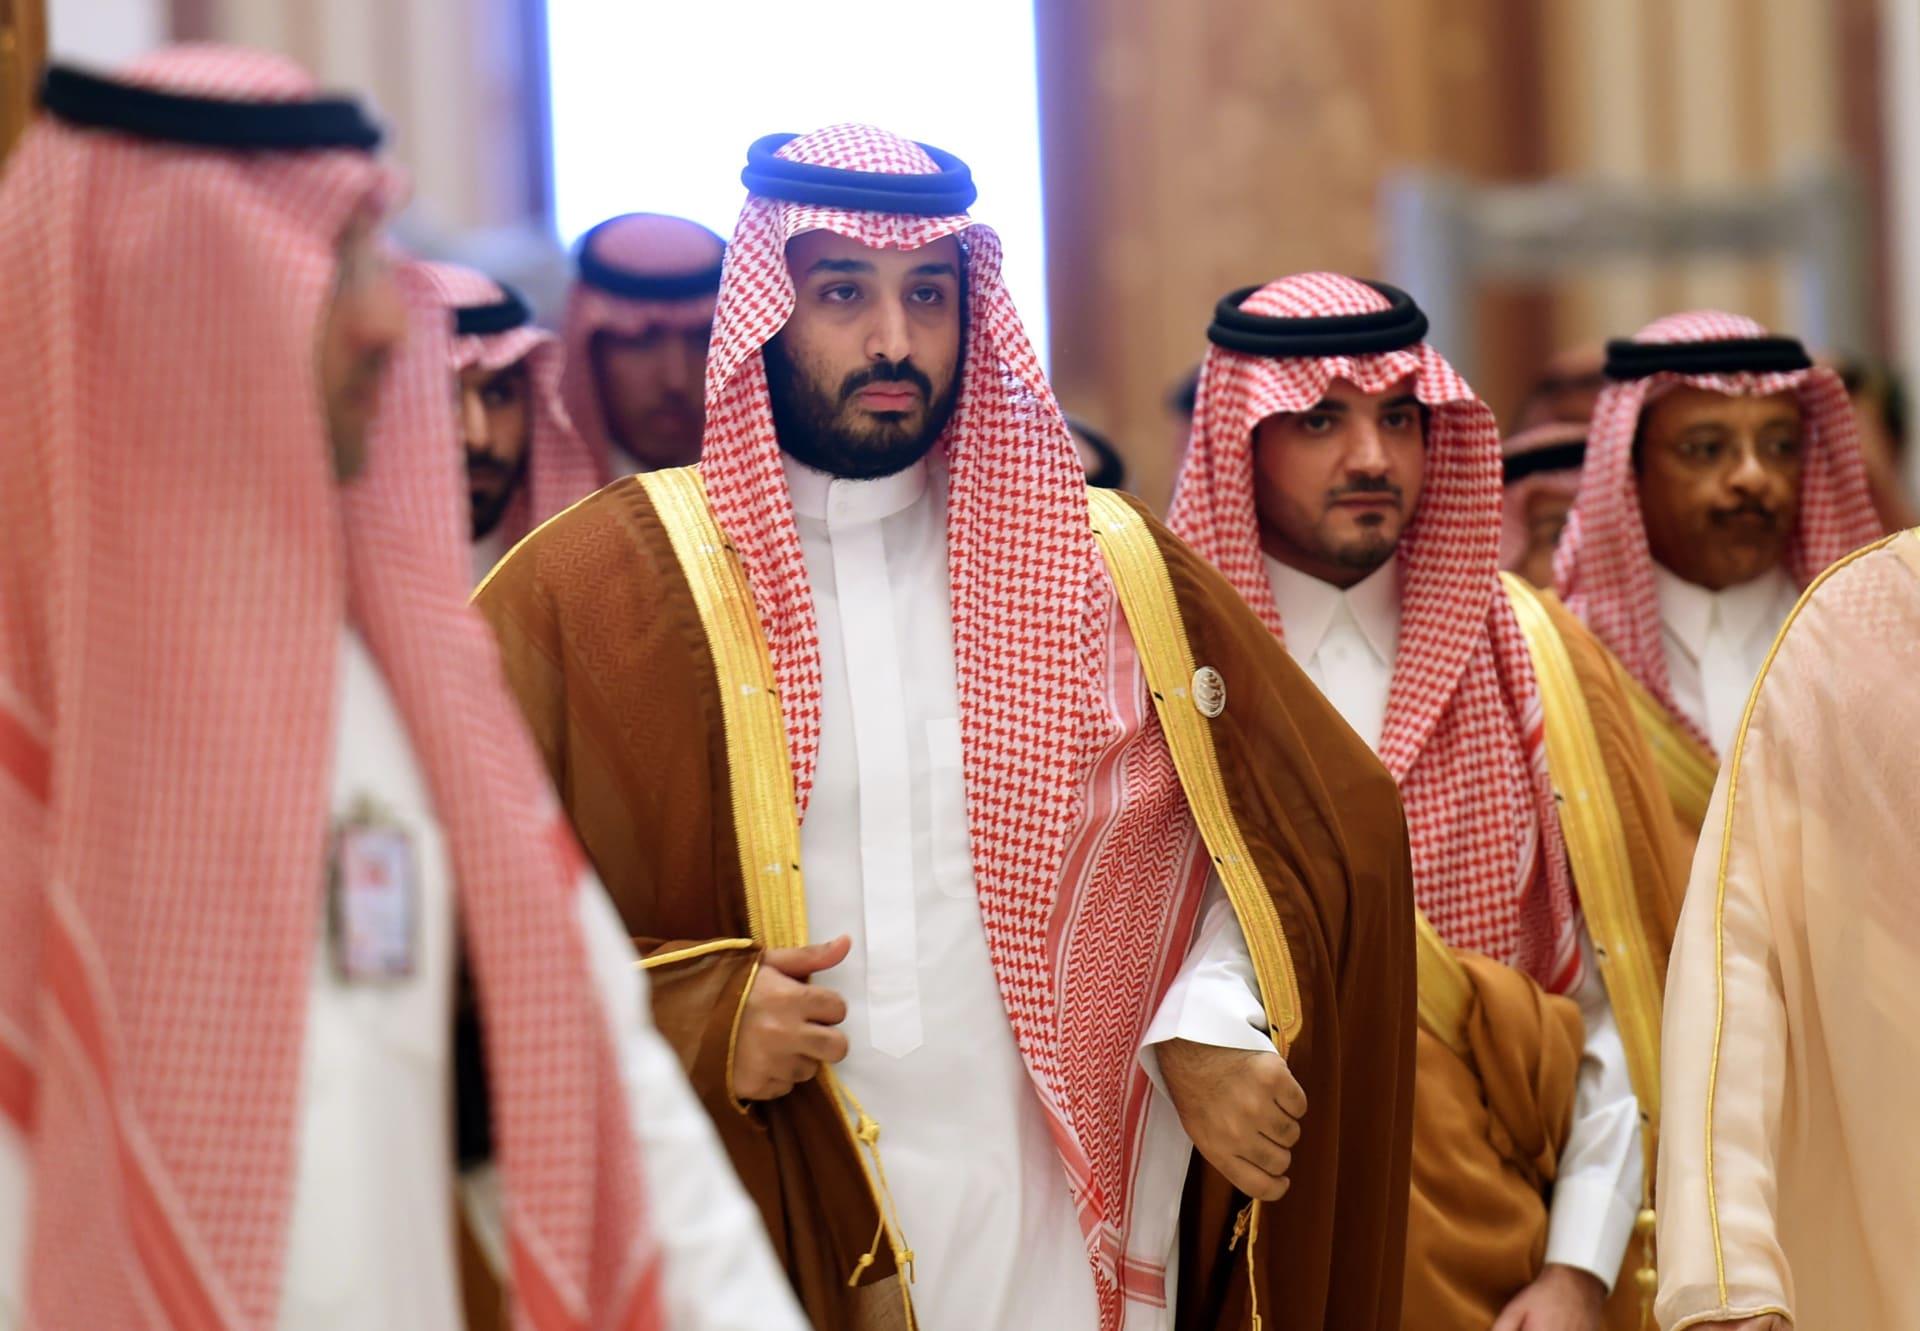 أمريكا: السعودية لم تعلمنا مسبقا بالتحالف الإسلامي.. وحديث بن سلمان يشير إلى حرب تتجاوز داعش